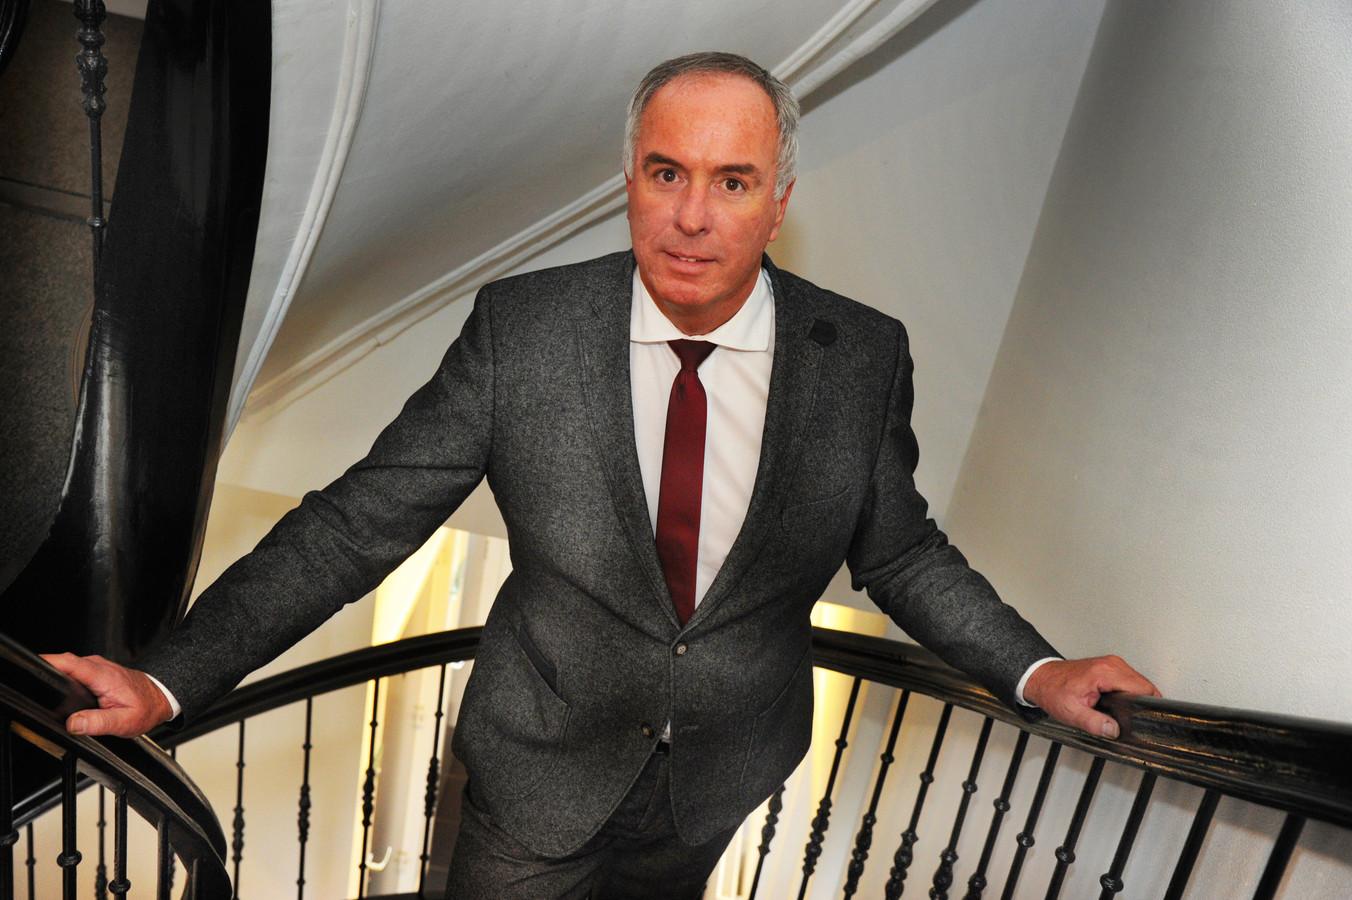 Statenlid Ton Veraart heeft voorgesteld de tolvrije tunnel op te nemen in het verkiezingsprogramma van D66